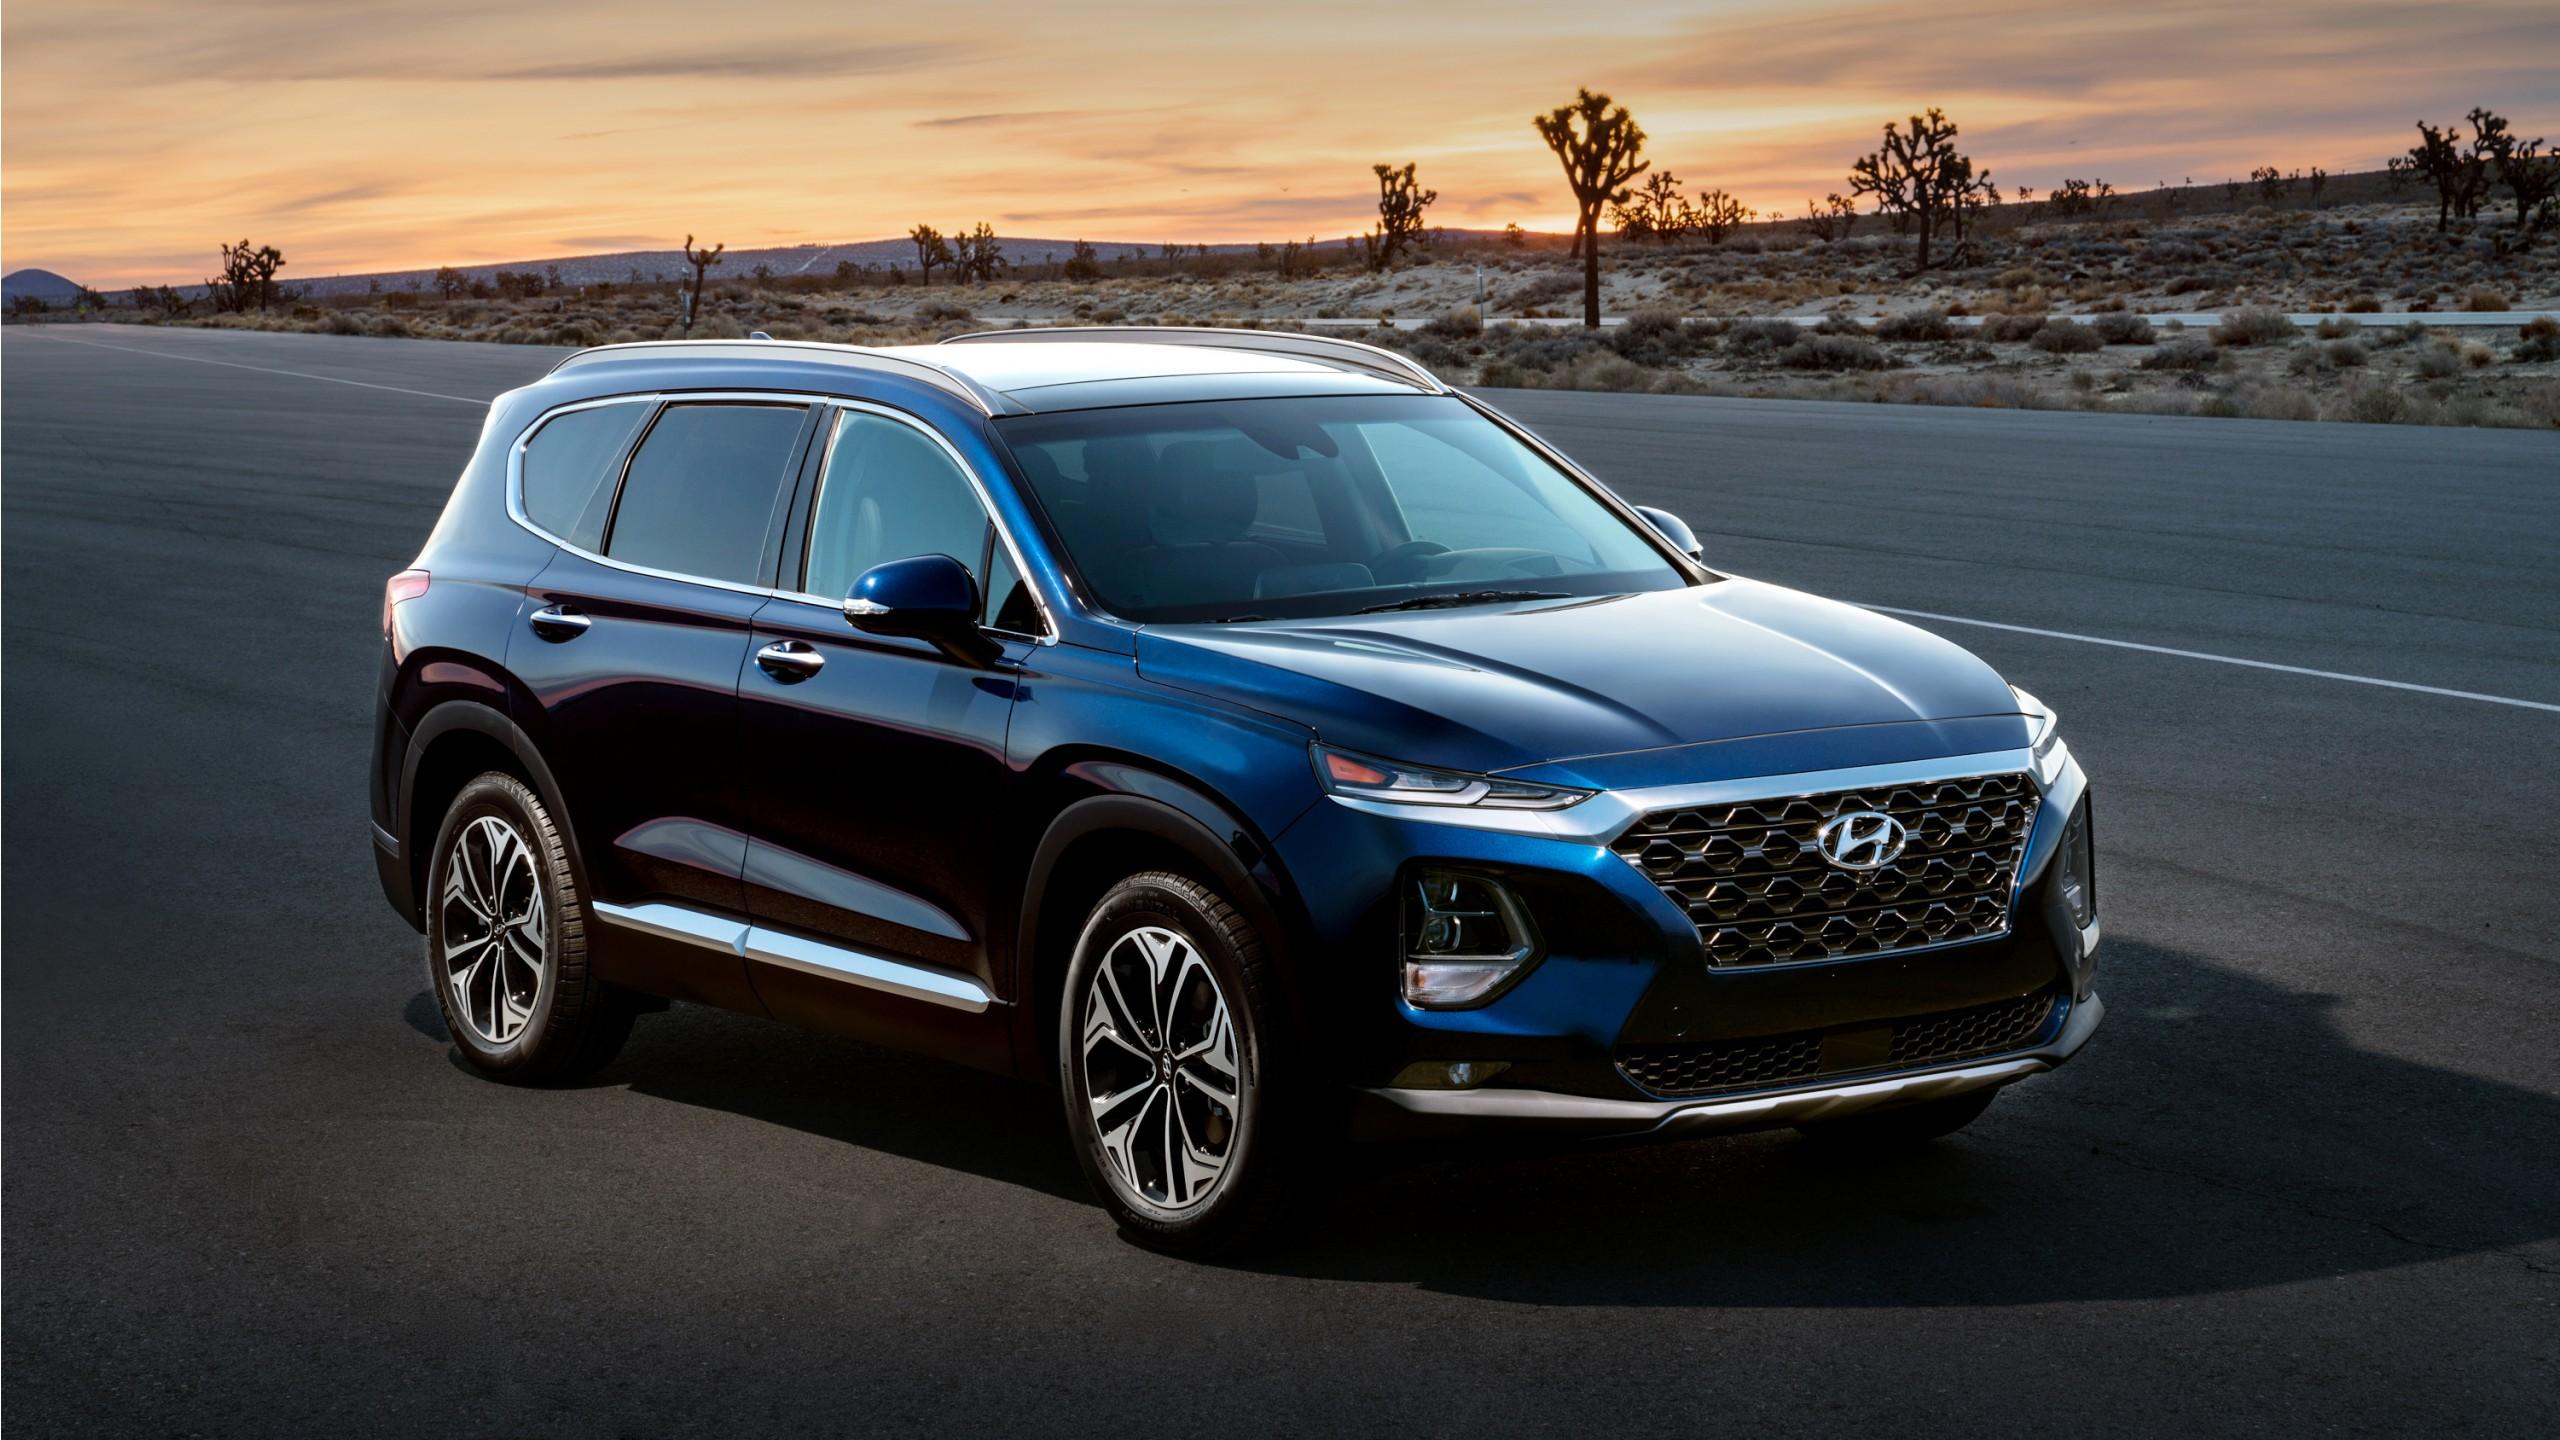 2019 Hyundai Santa Fe Wallpaper Hd Car Wallpapers Id